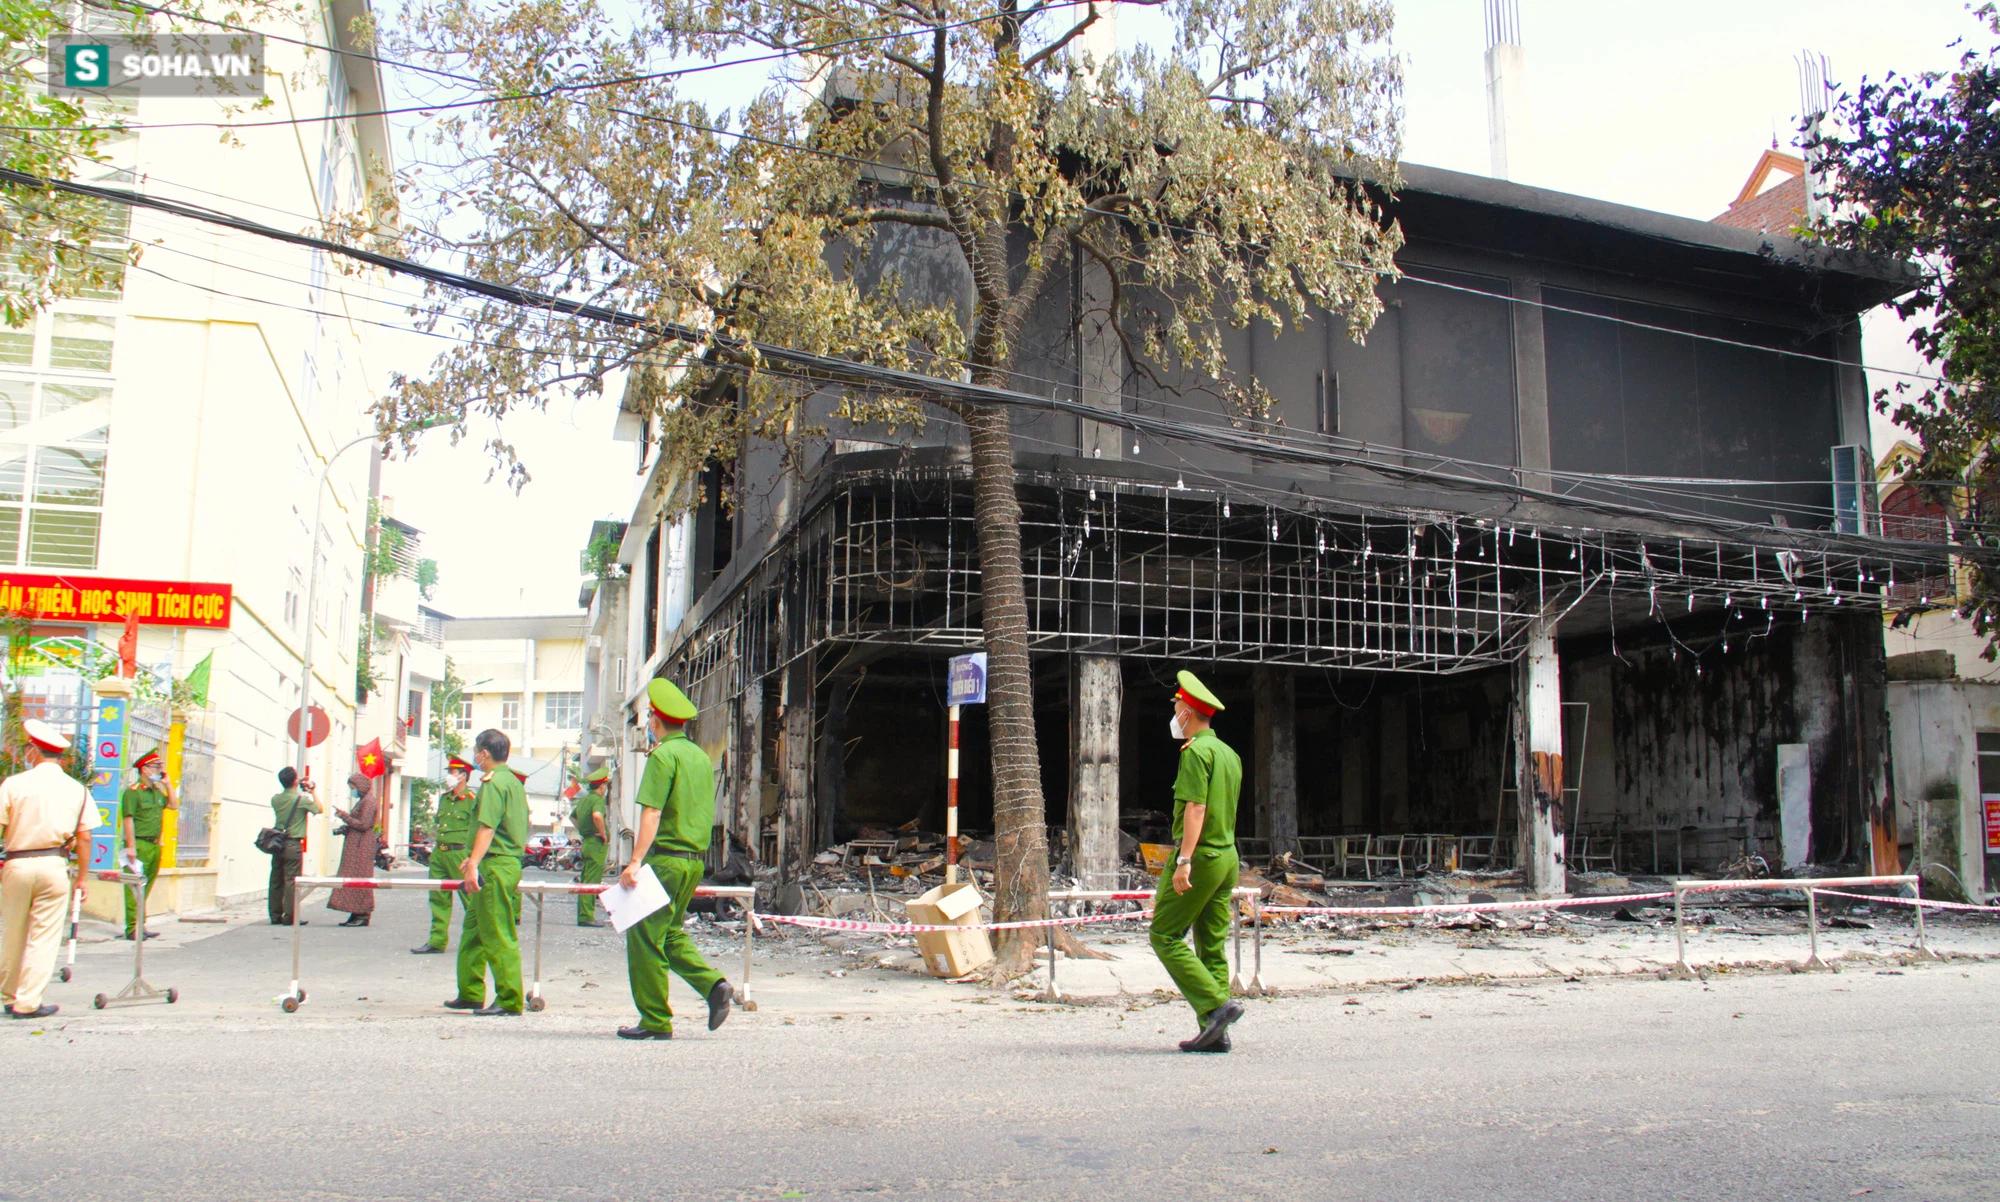 Cận cảnh hiện trường bên trong phòng trà bị cháy khiến 6 người tử vong ở Nghệ An - Ảnh 4.